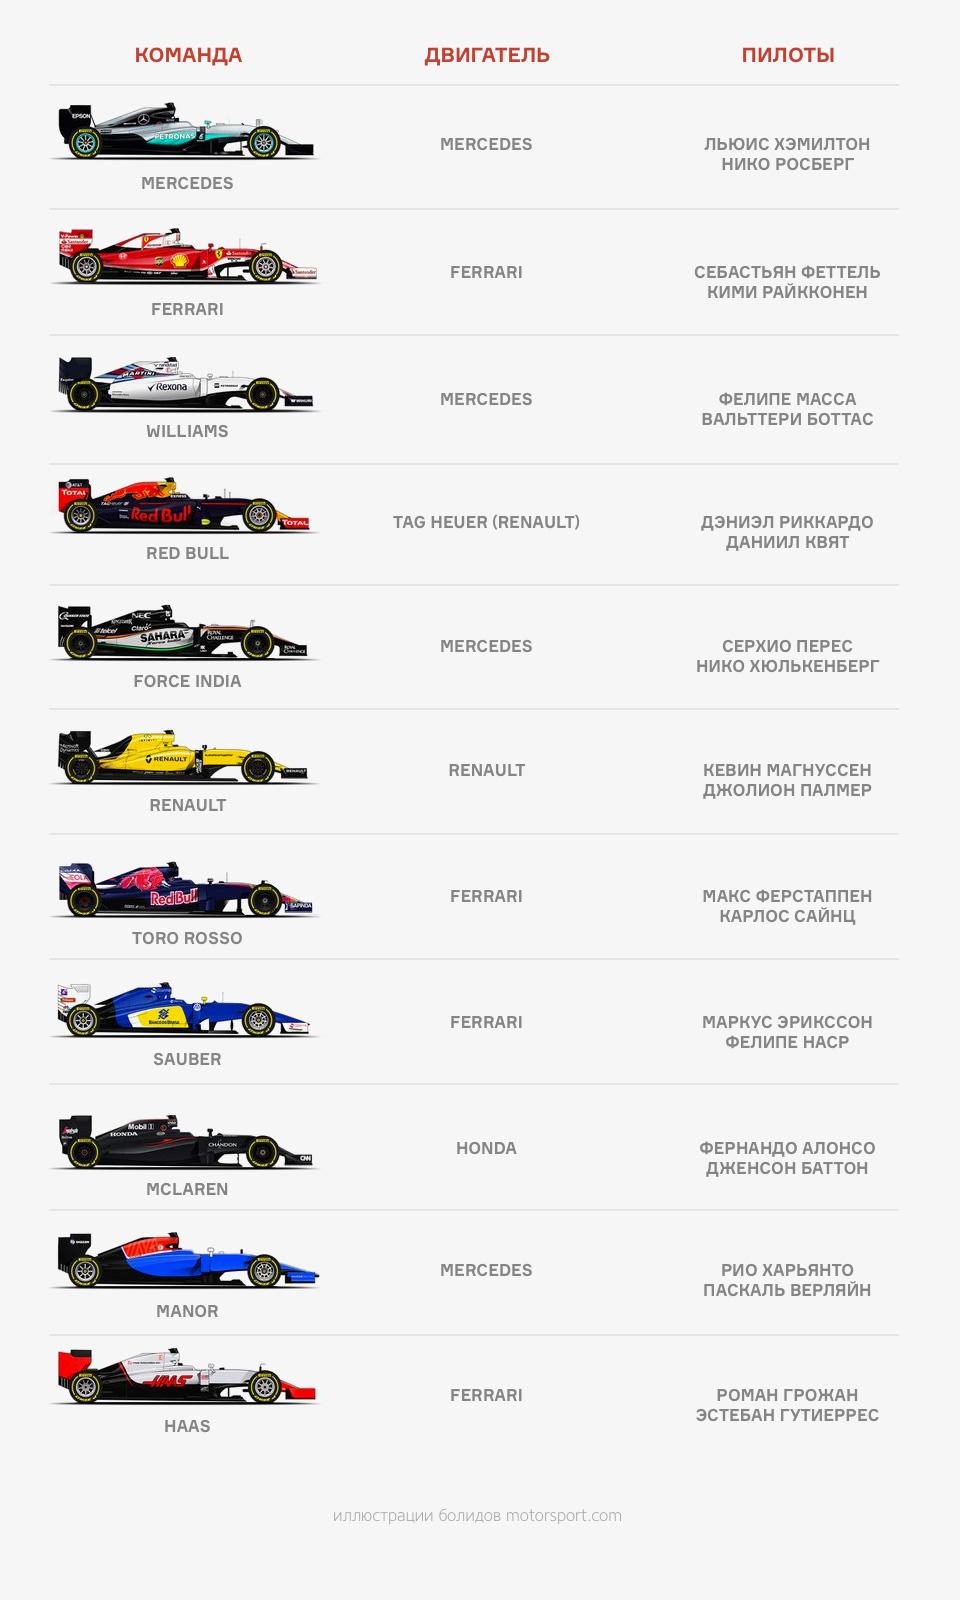 Главные вопросы о новом сезоне Формулы-1